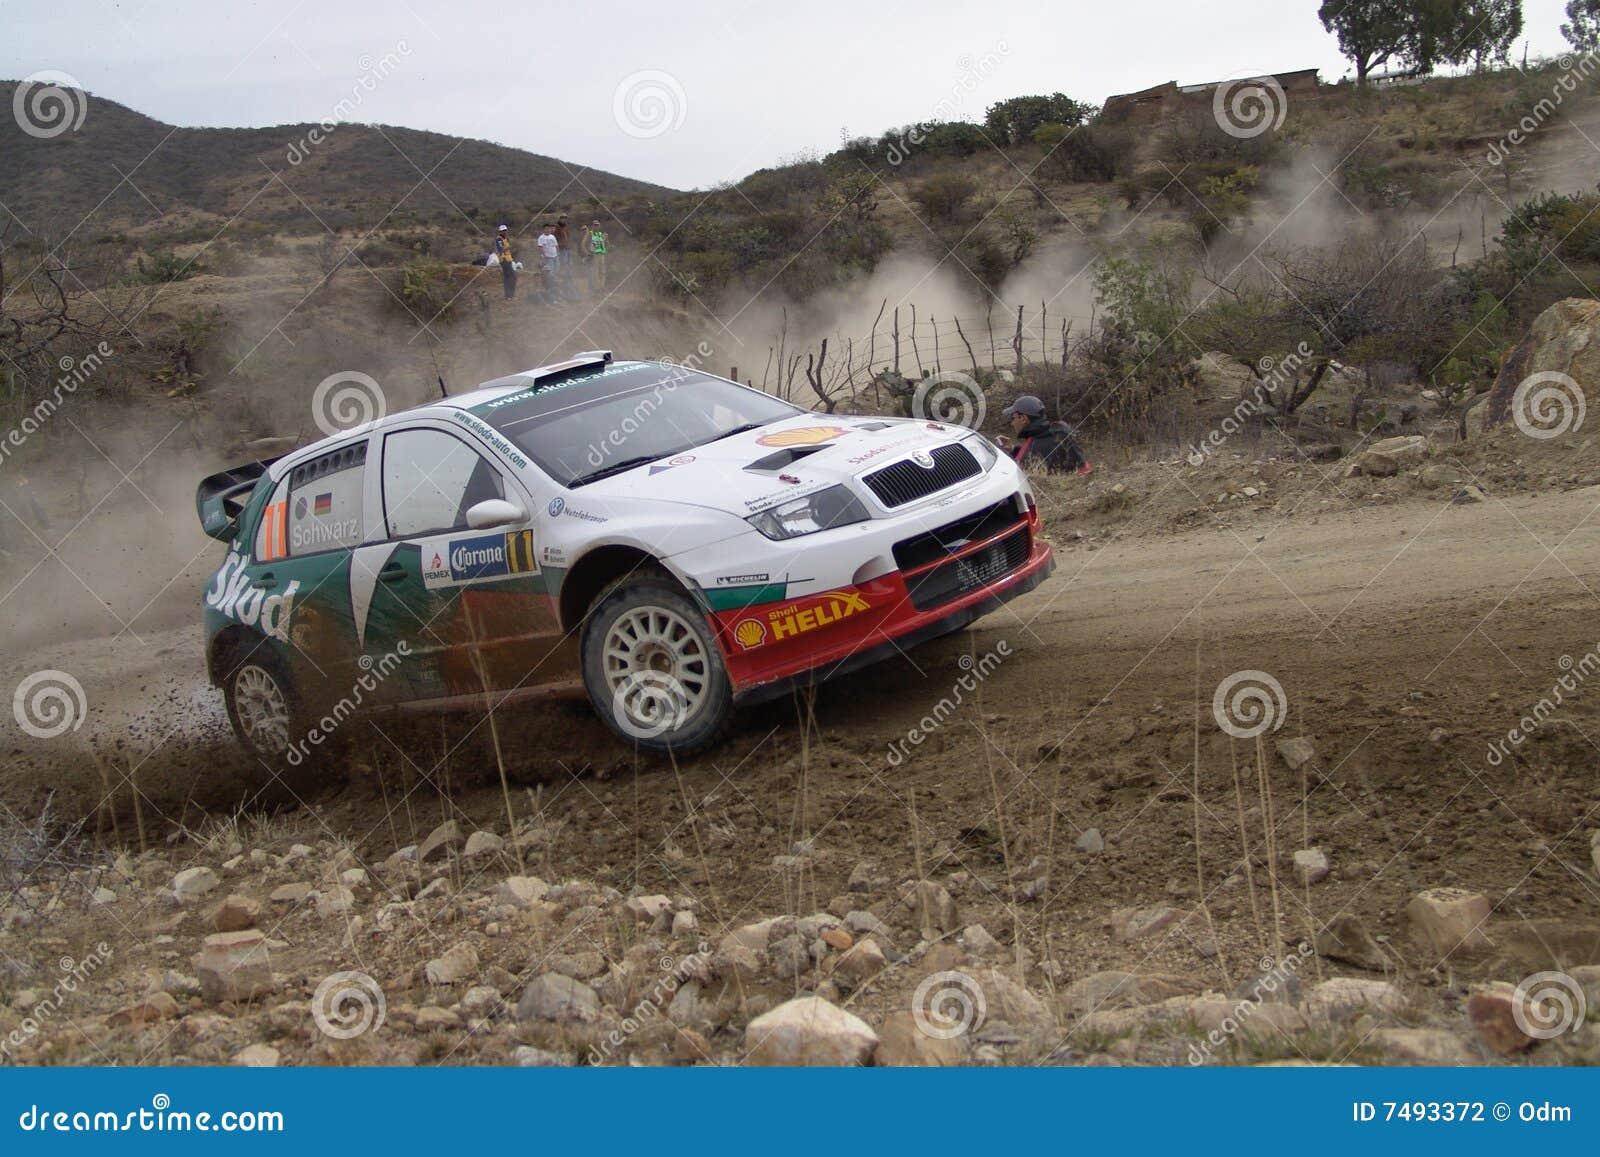 REUNIÓN MÉXICO 2005 DE LA CORONA DE WRC